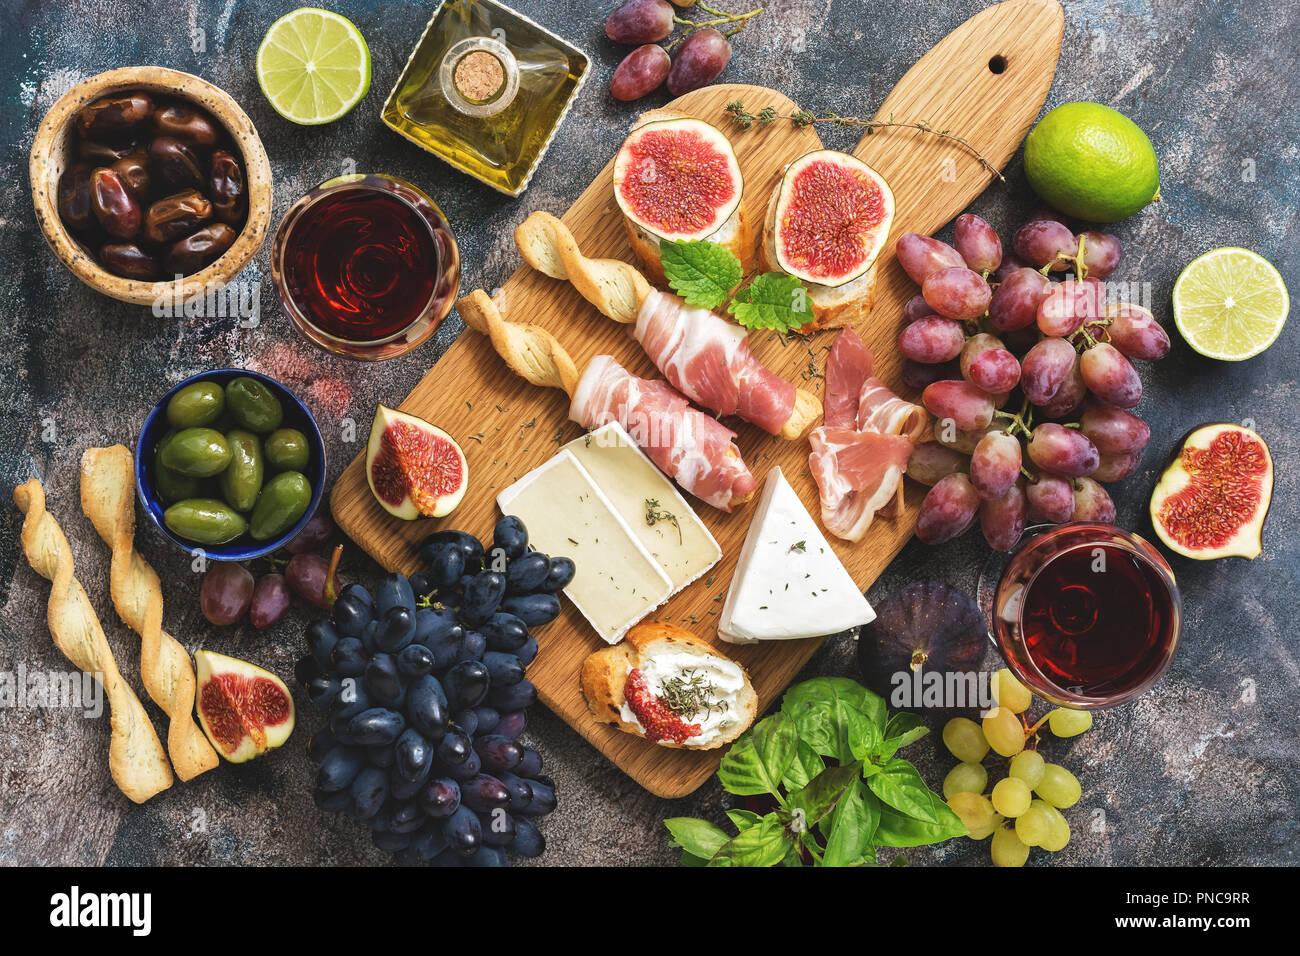 Eine Vielzahl von Snacks, Prosciutto, Trauben, Wein, Käse mit Schimmel, Feigen, Oliven auf einem urigen Hintergrund. Ansicht von oben, flach Stockbild